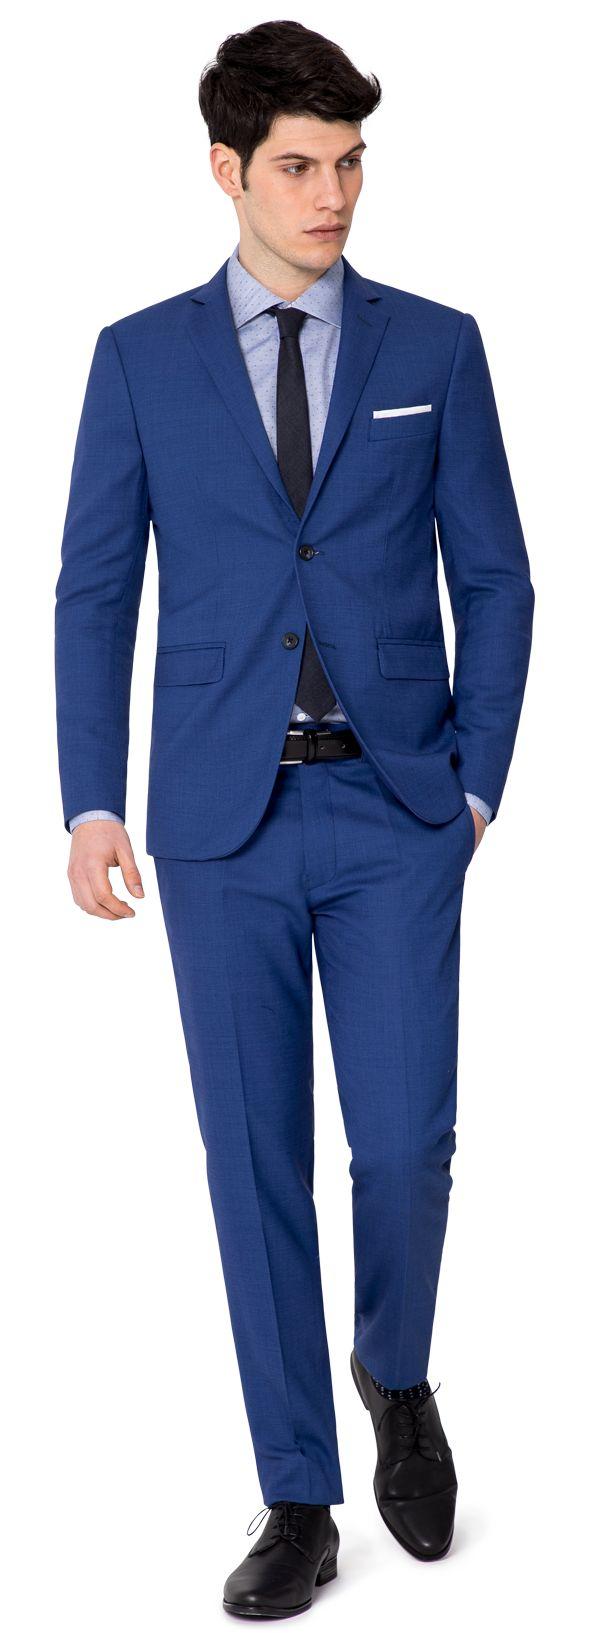 costume bleu roi